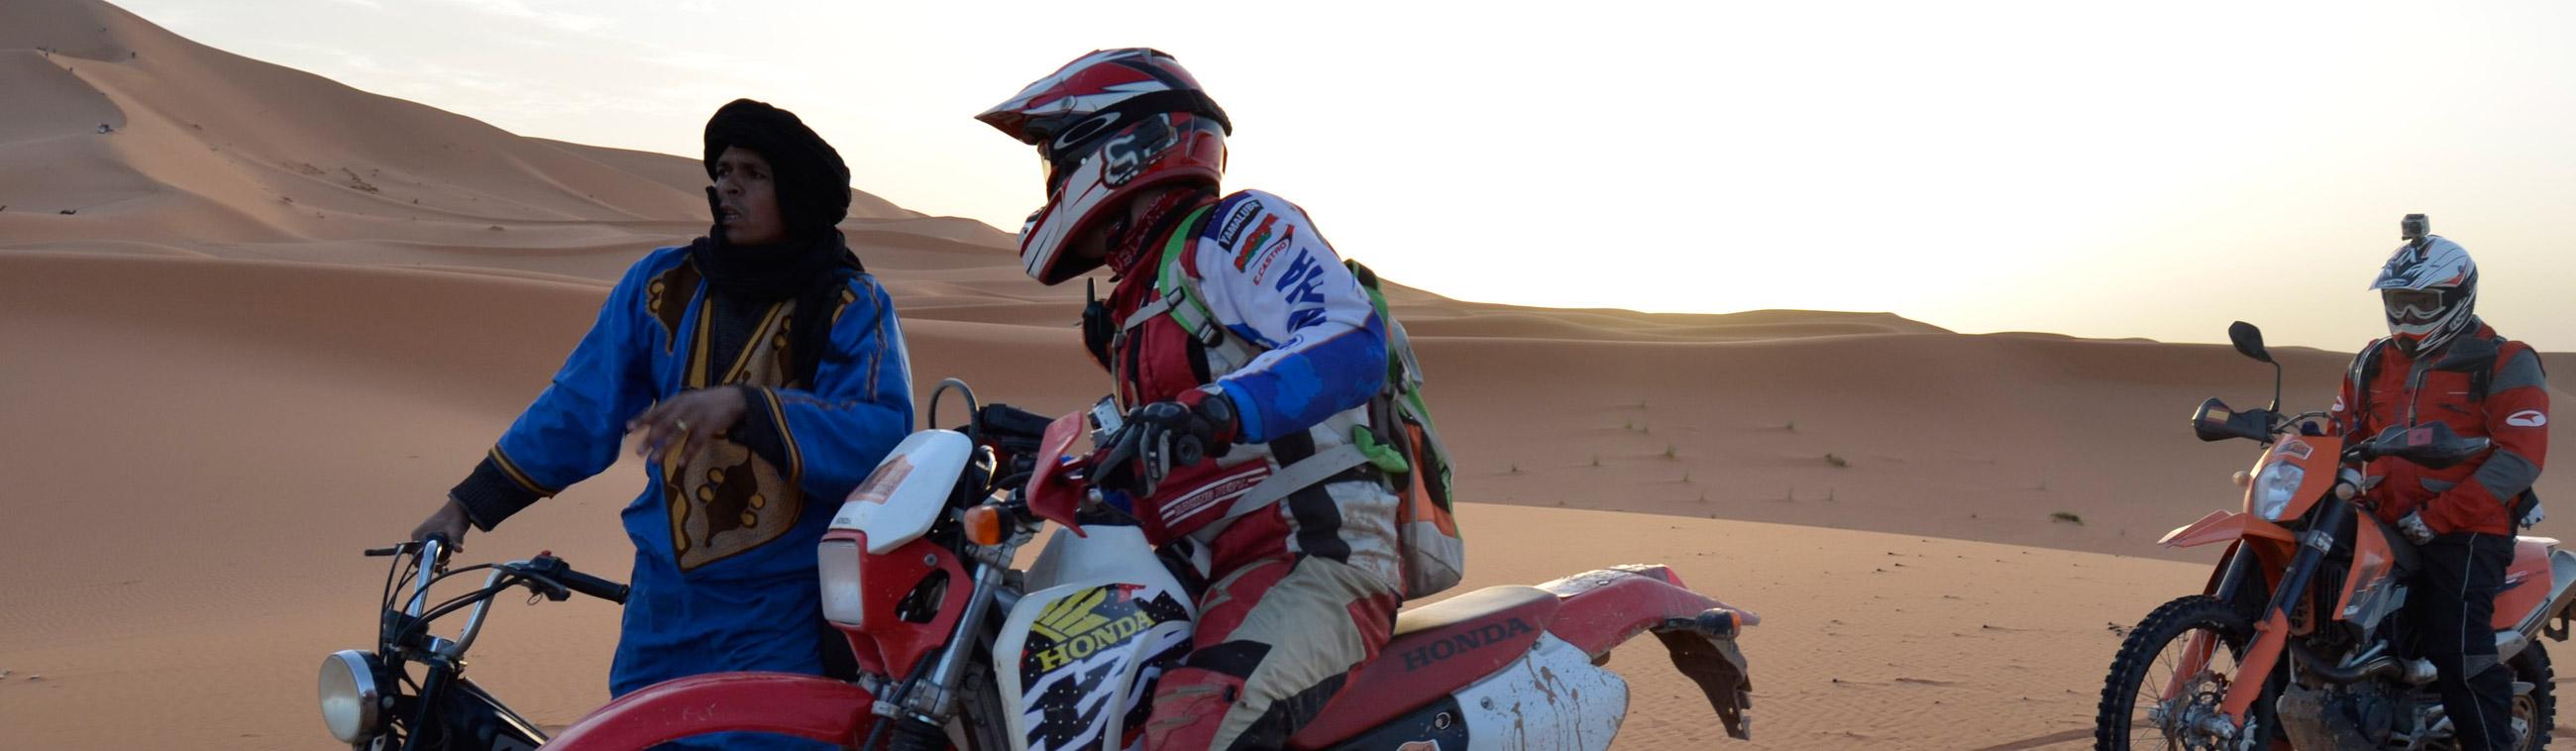 Elección y preparación de una moto para viajar a Marruecos